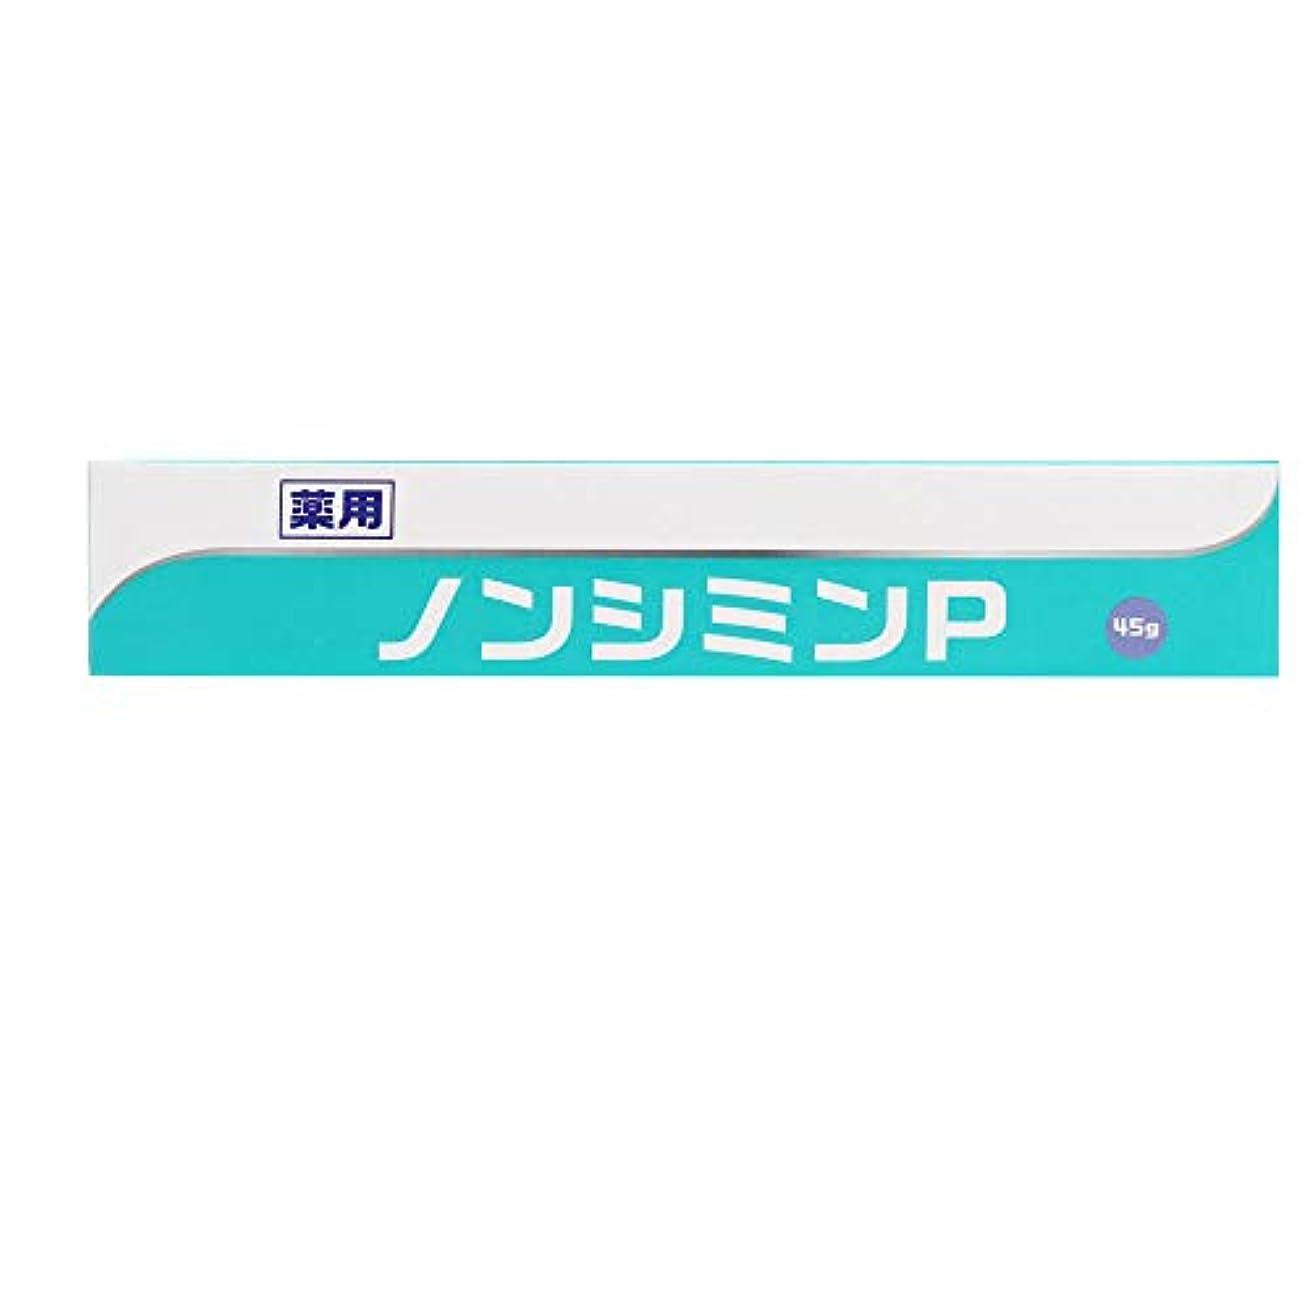 電子ダンスレディ薬用ノンシミンP 45g ジェルタイプ 医薬部外品